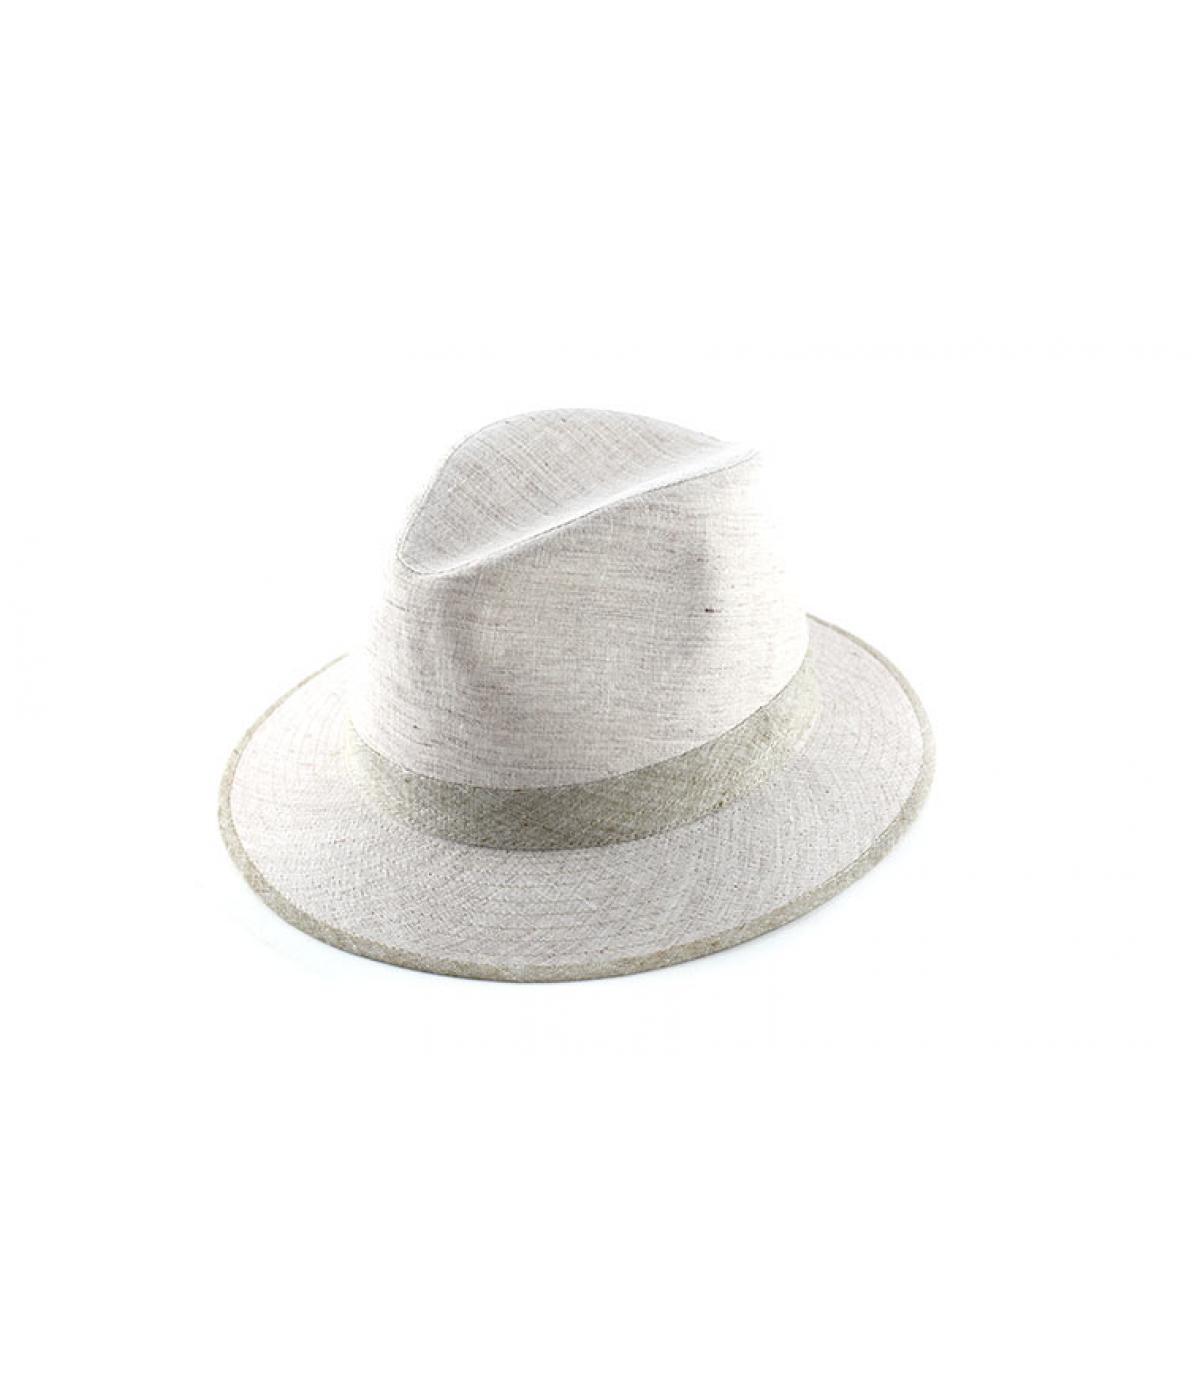 witte hoed stof beige strepen